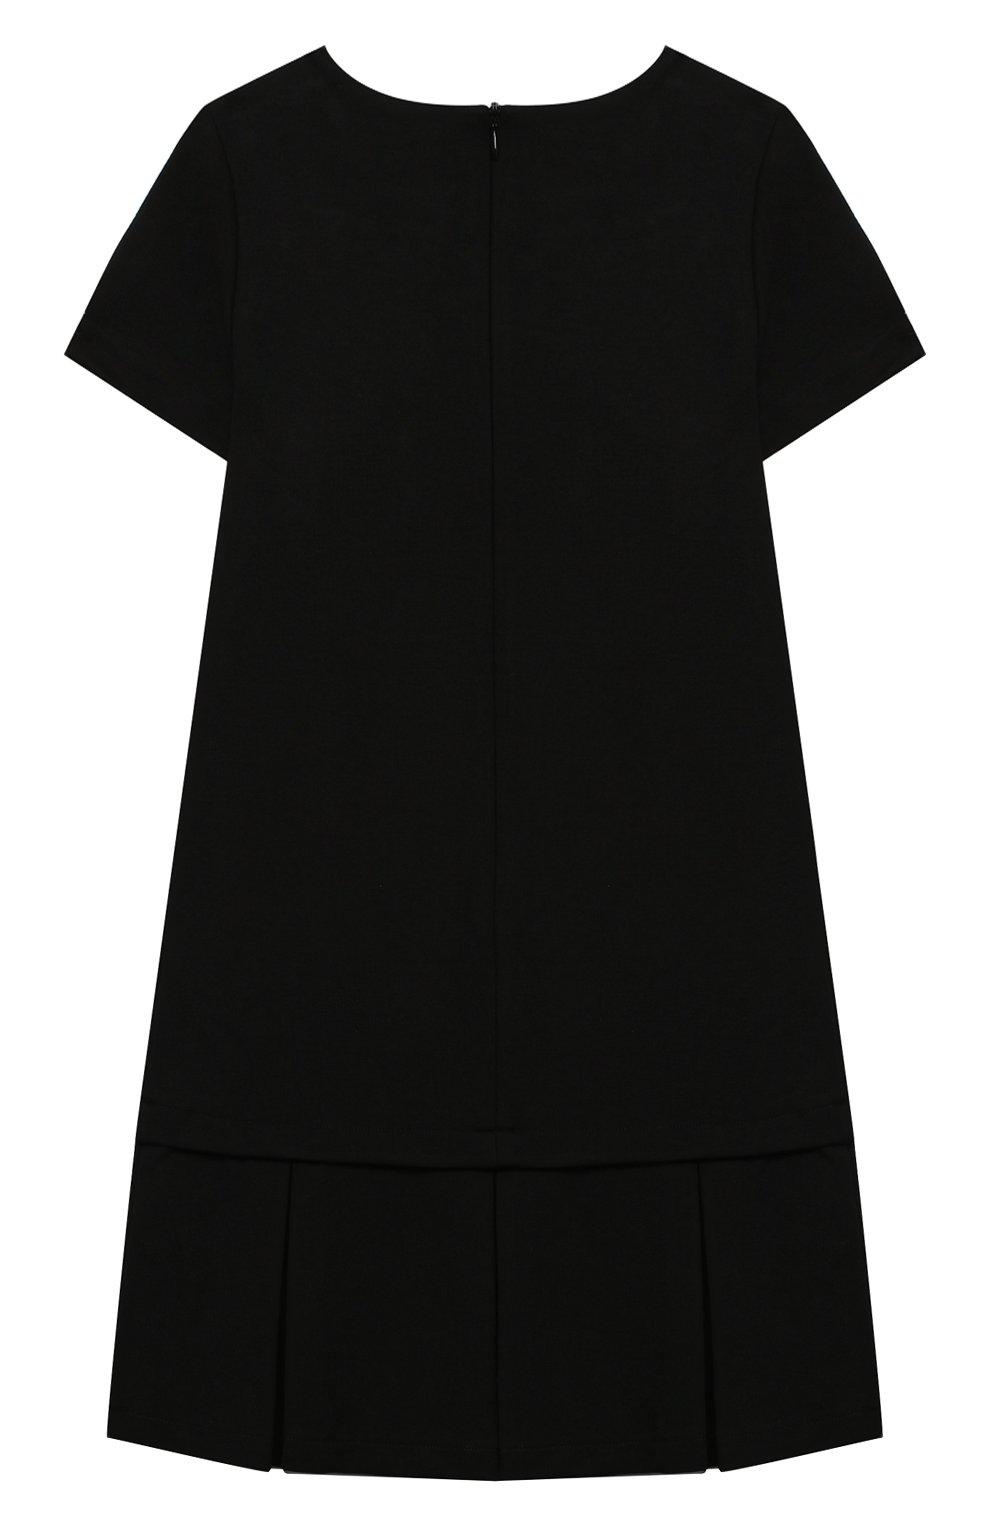 Детское платье MOSCHINO черного цвета, арт. HDV09H/LJA02/10A-14A | Фото 2 (Рукава: Короткие; Случай: Повседневный; Материал внешний: Вискоза; Девочки Кросс-КТ: Платье-одежда)